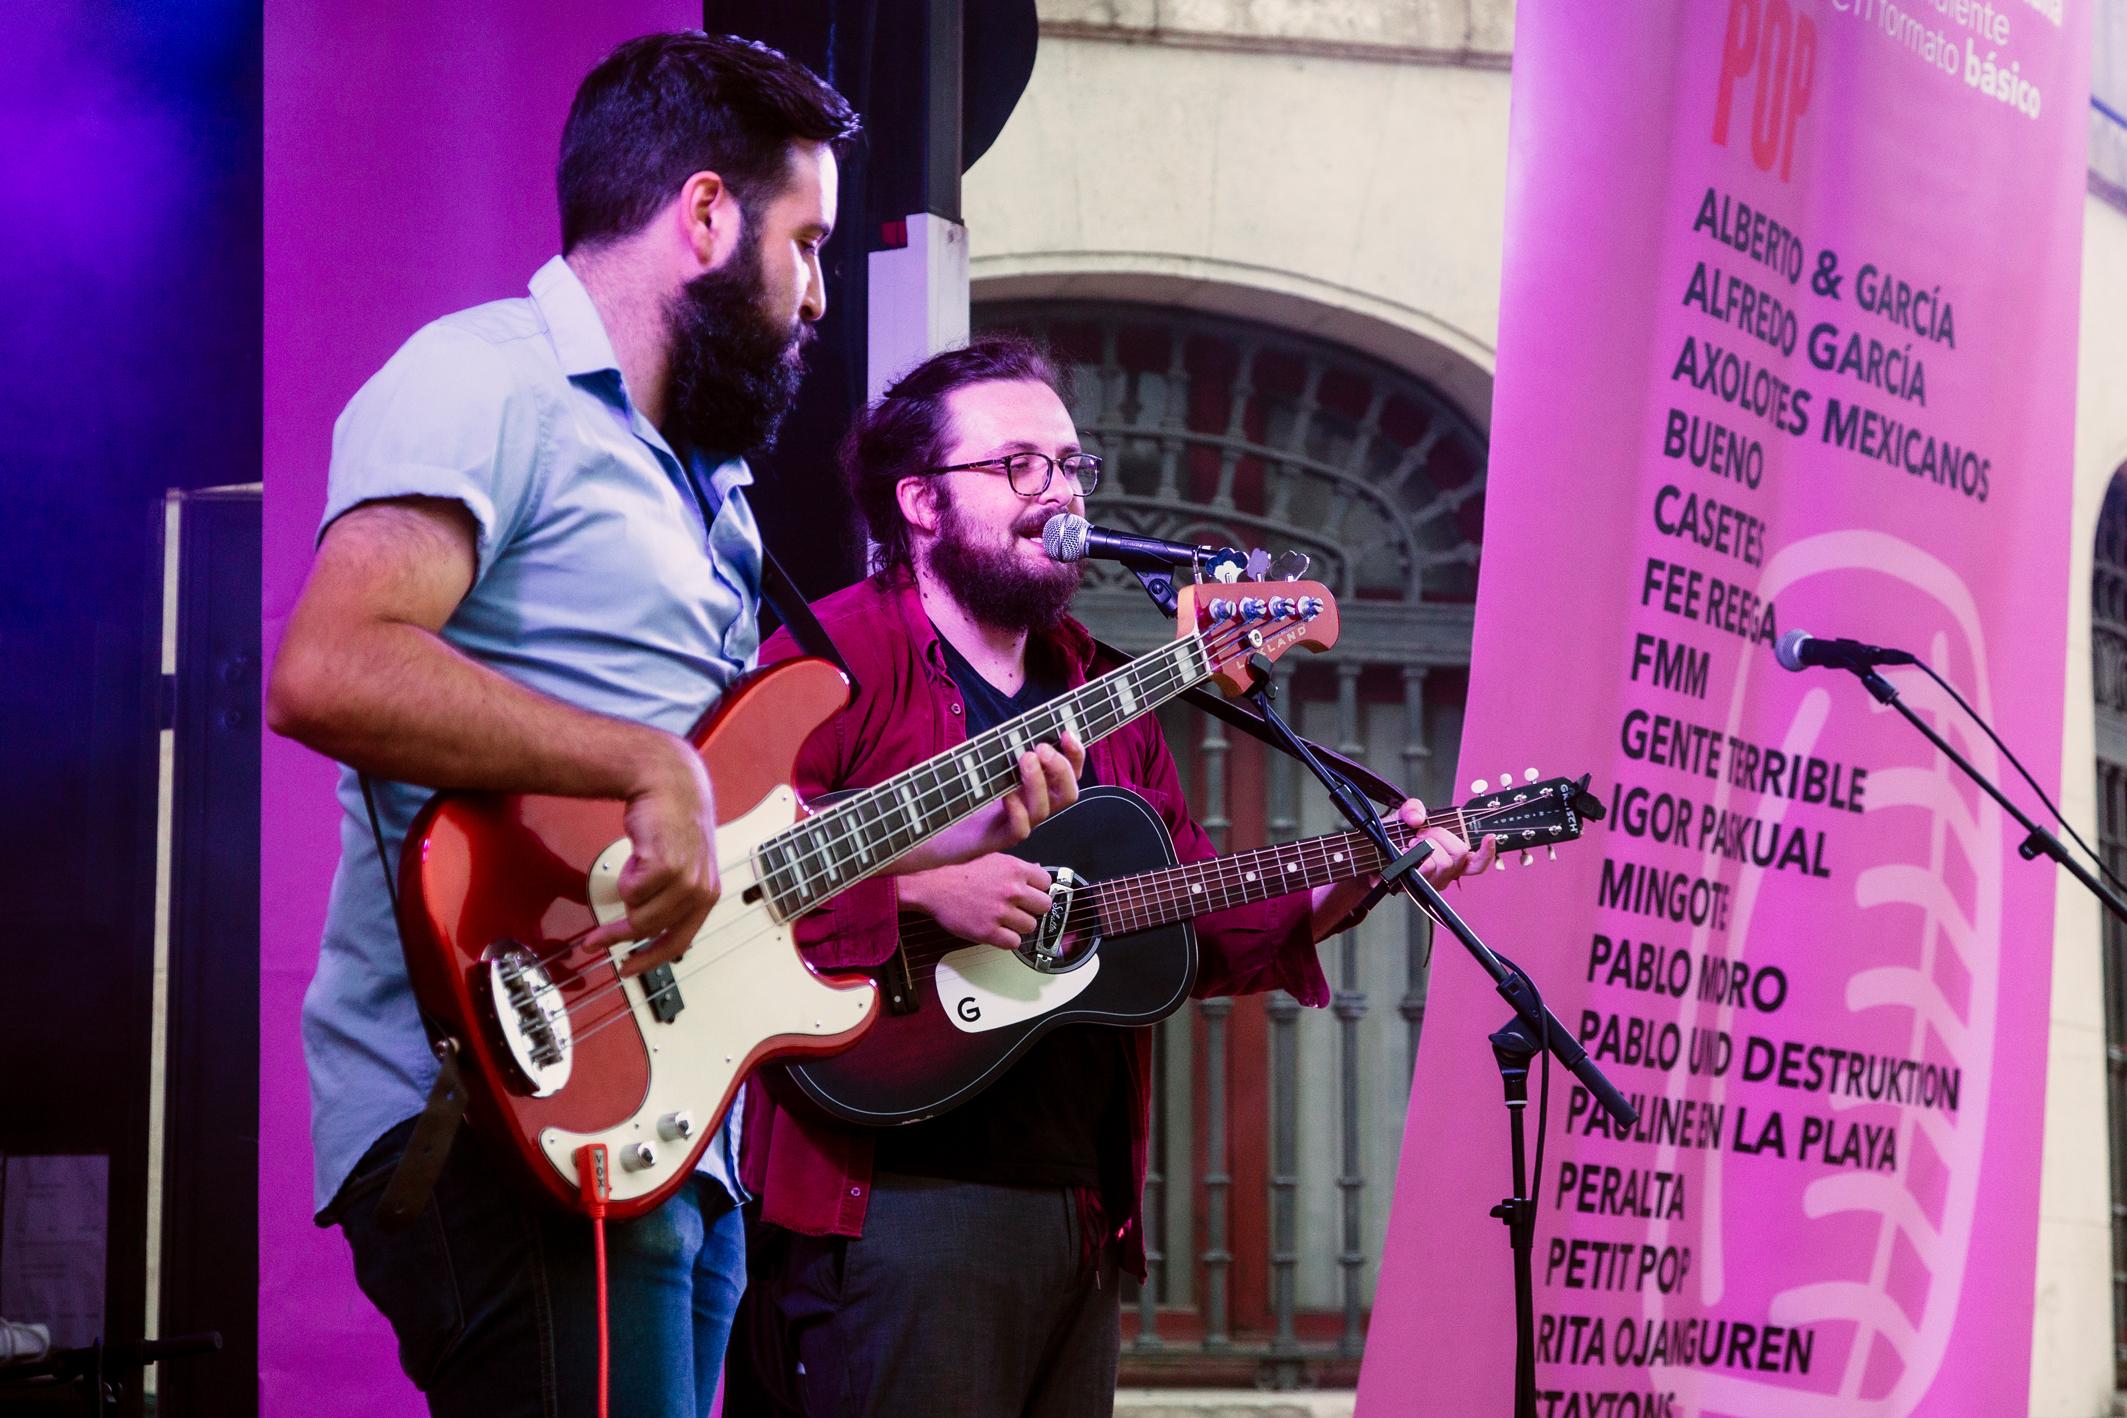 Concierto de Mingote en Oviedo